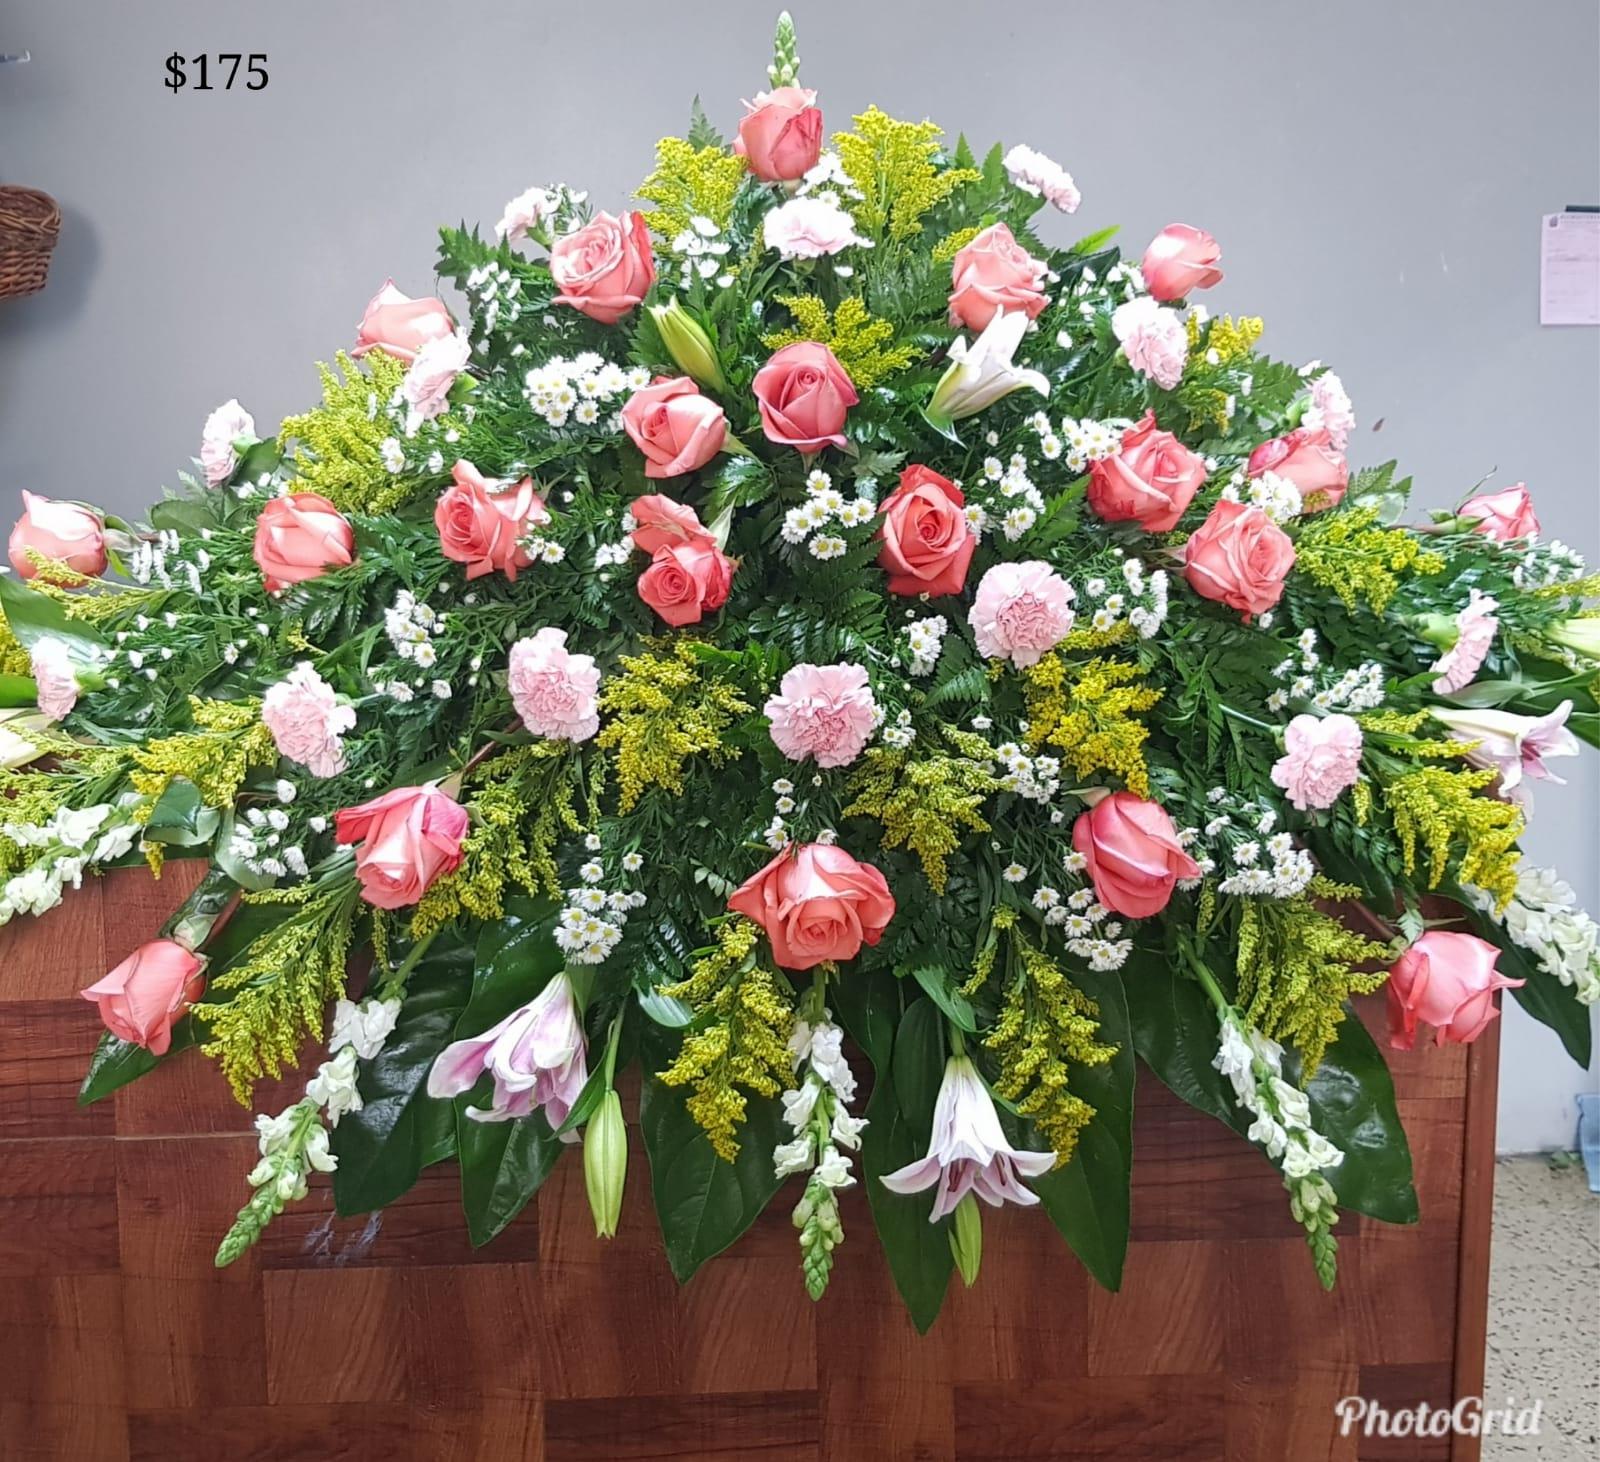 131 Casquet Cover Con Rosas Y Veriedad De Flores